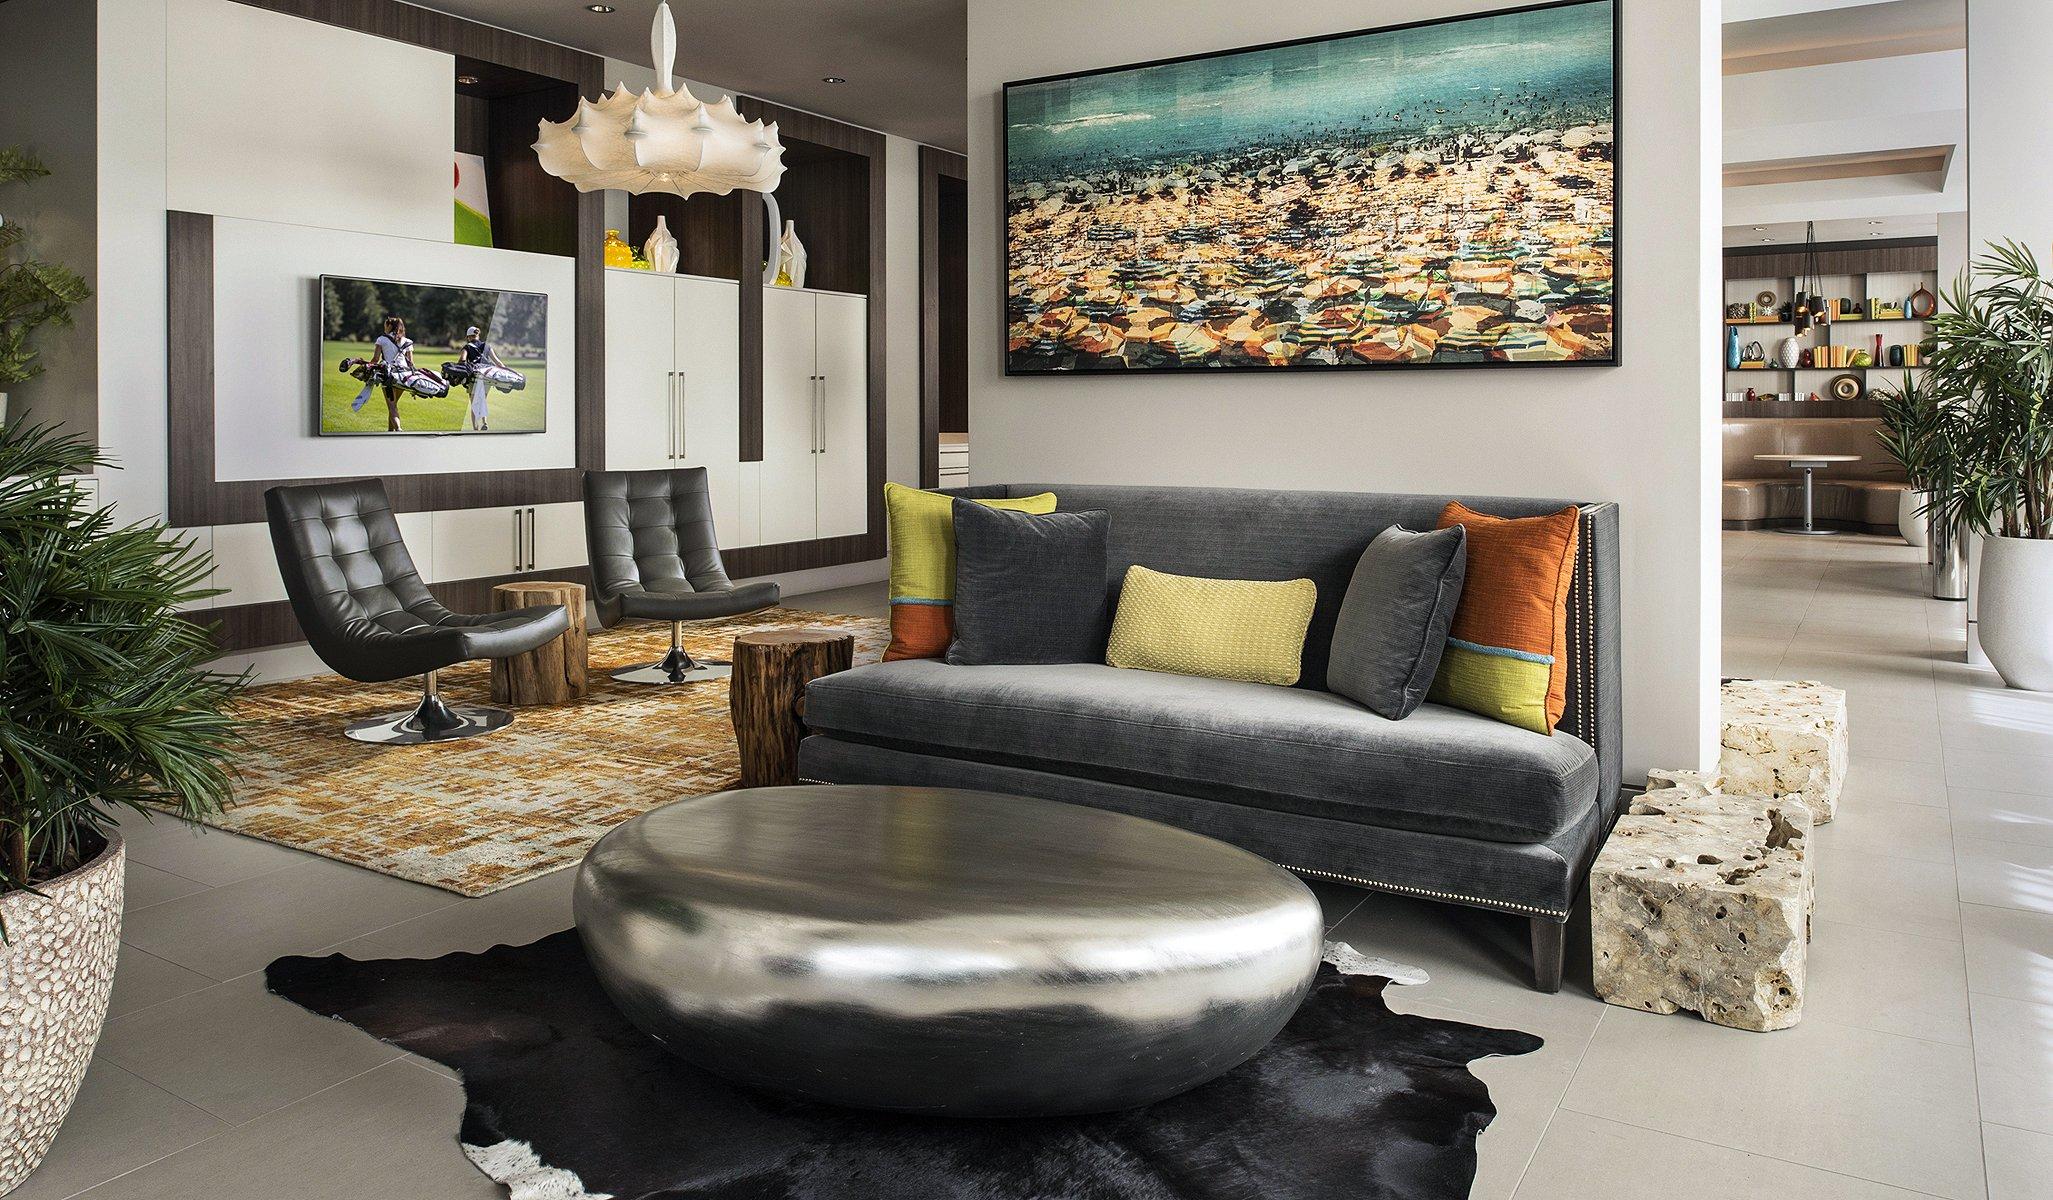 Wohngestaltung mit Liebe zum Detail